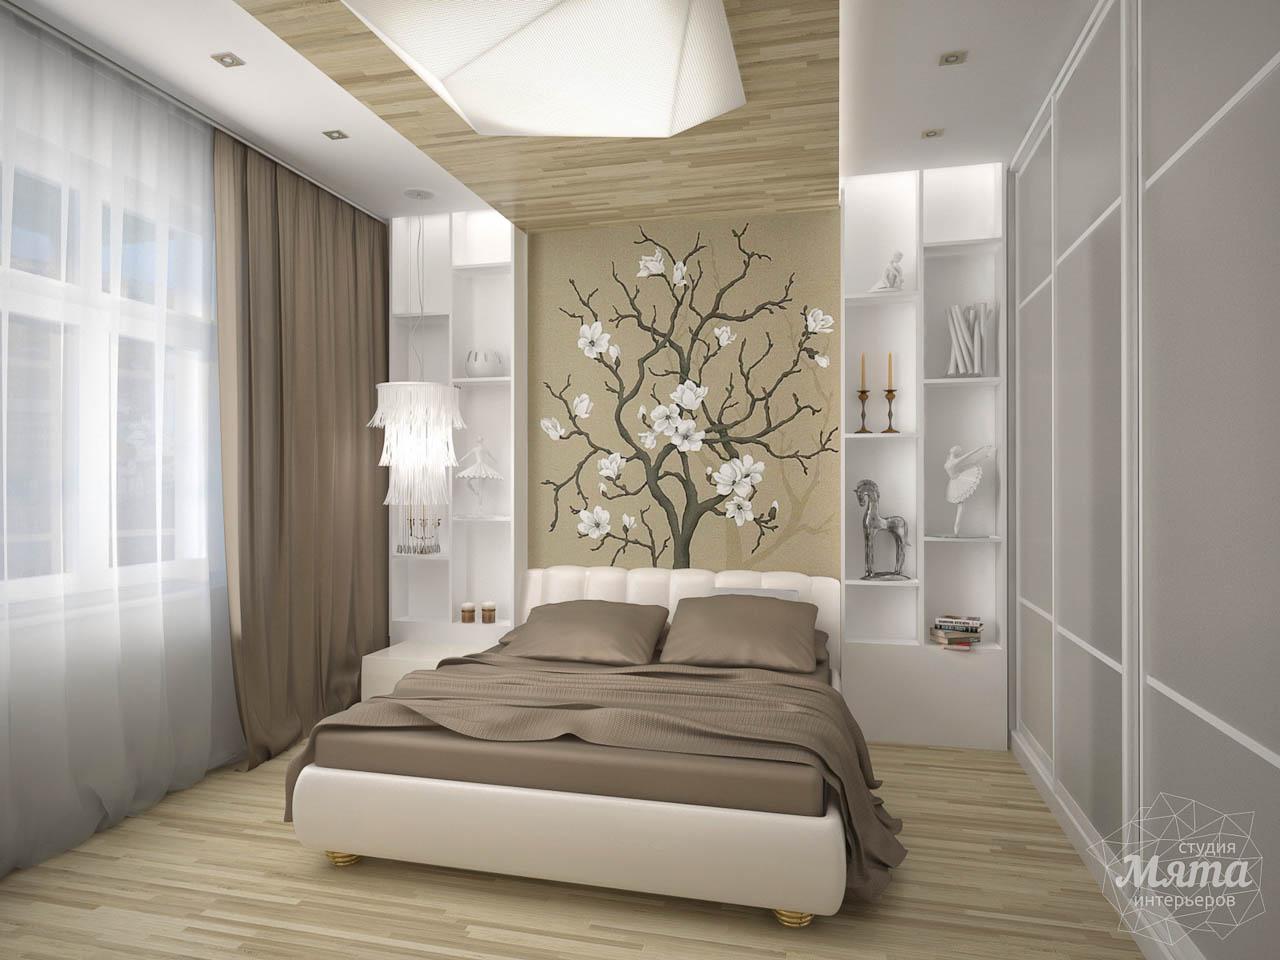 Дизайн интерьера трехкомнатной квартиры по ул. Папанина 18 img1962563647